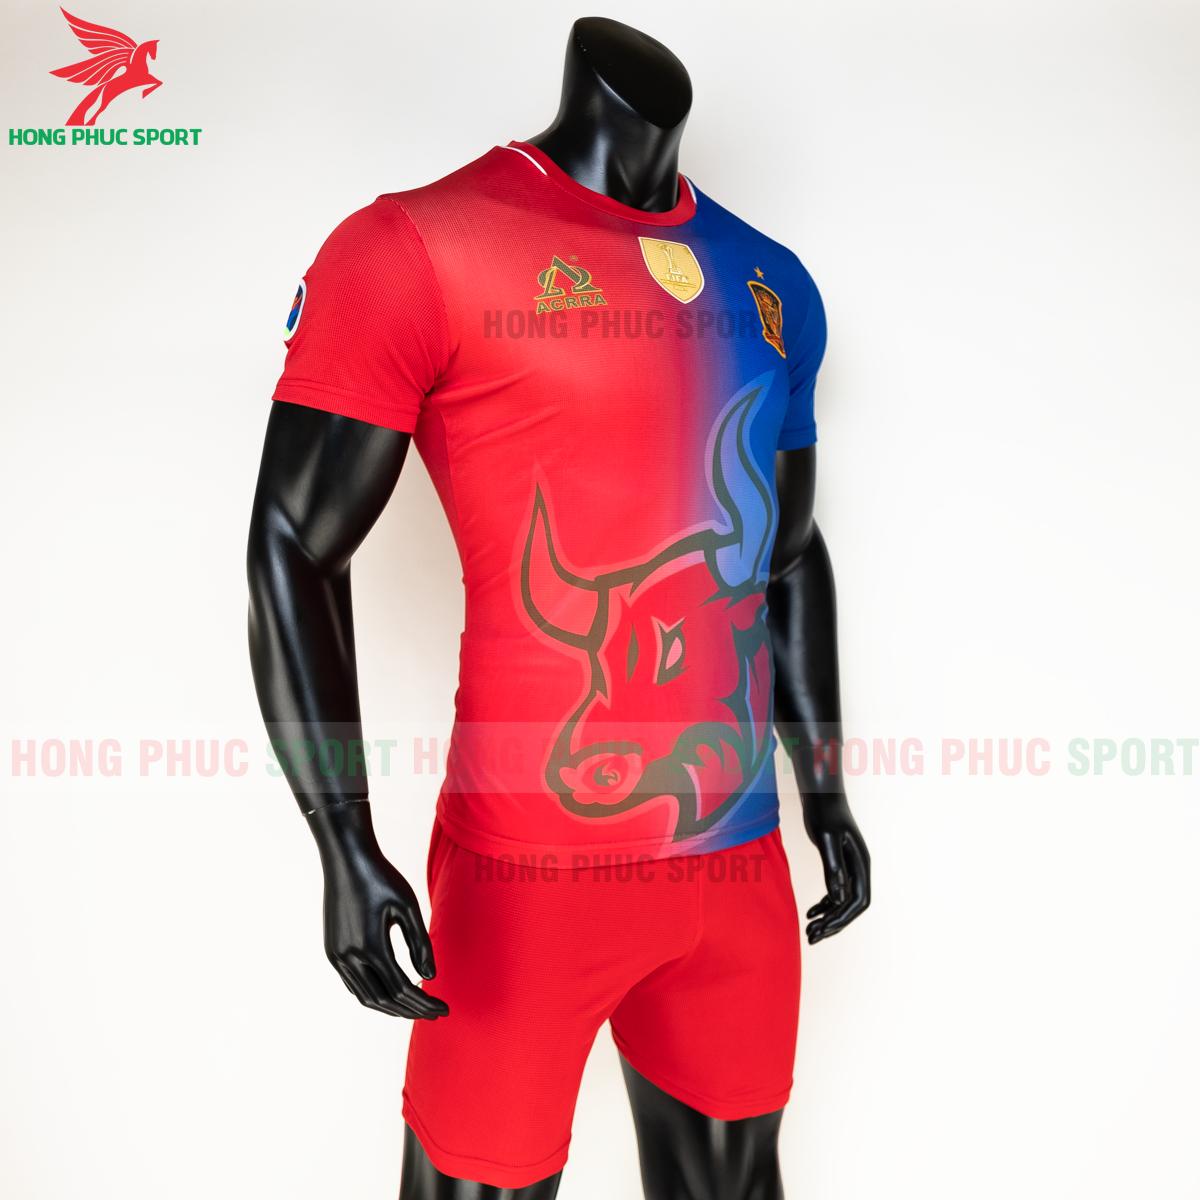 https://cdn.hongphucsport.com/unsafe/s4.shopbay.vn/files/285/ao-tuyen-tay-ban-nha-hang-det-phien-ban-fan-acrra-4-5fa10190a1ed5.png